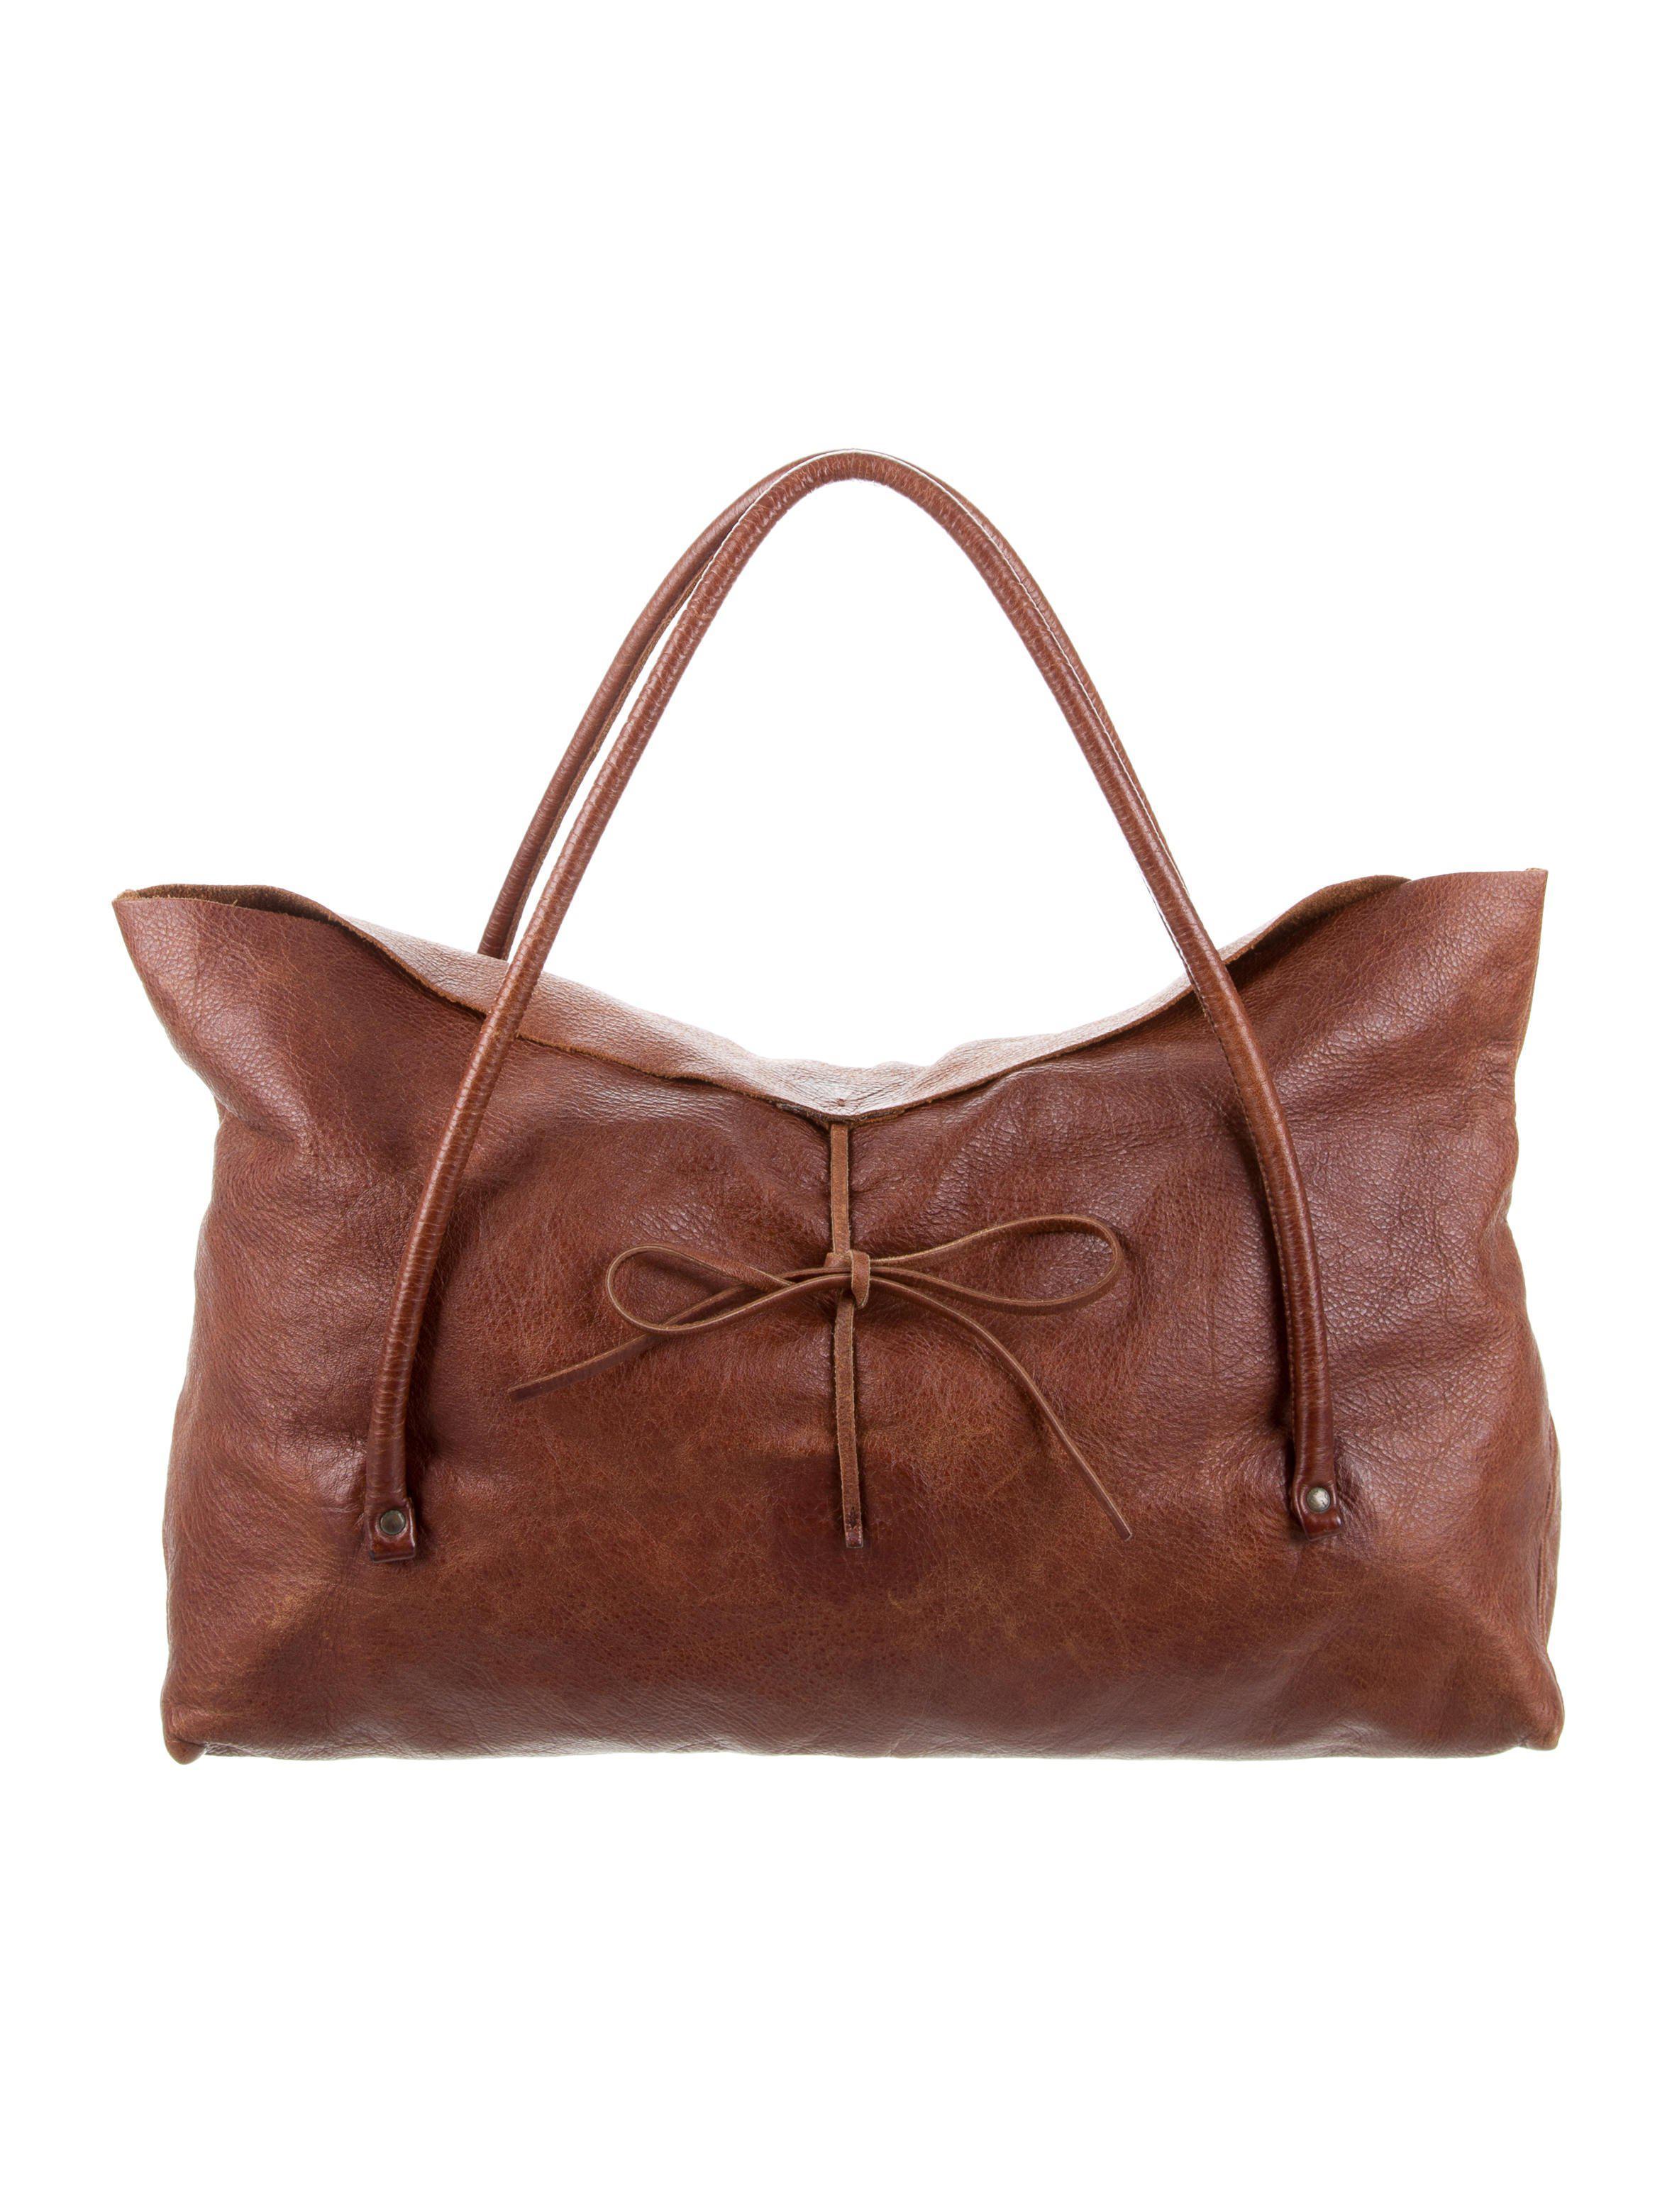 59e58e101a0 Lyst - Miu Miu Miu Distressed Leather Flap Bag Cognac in Metallic